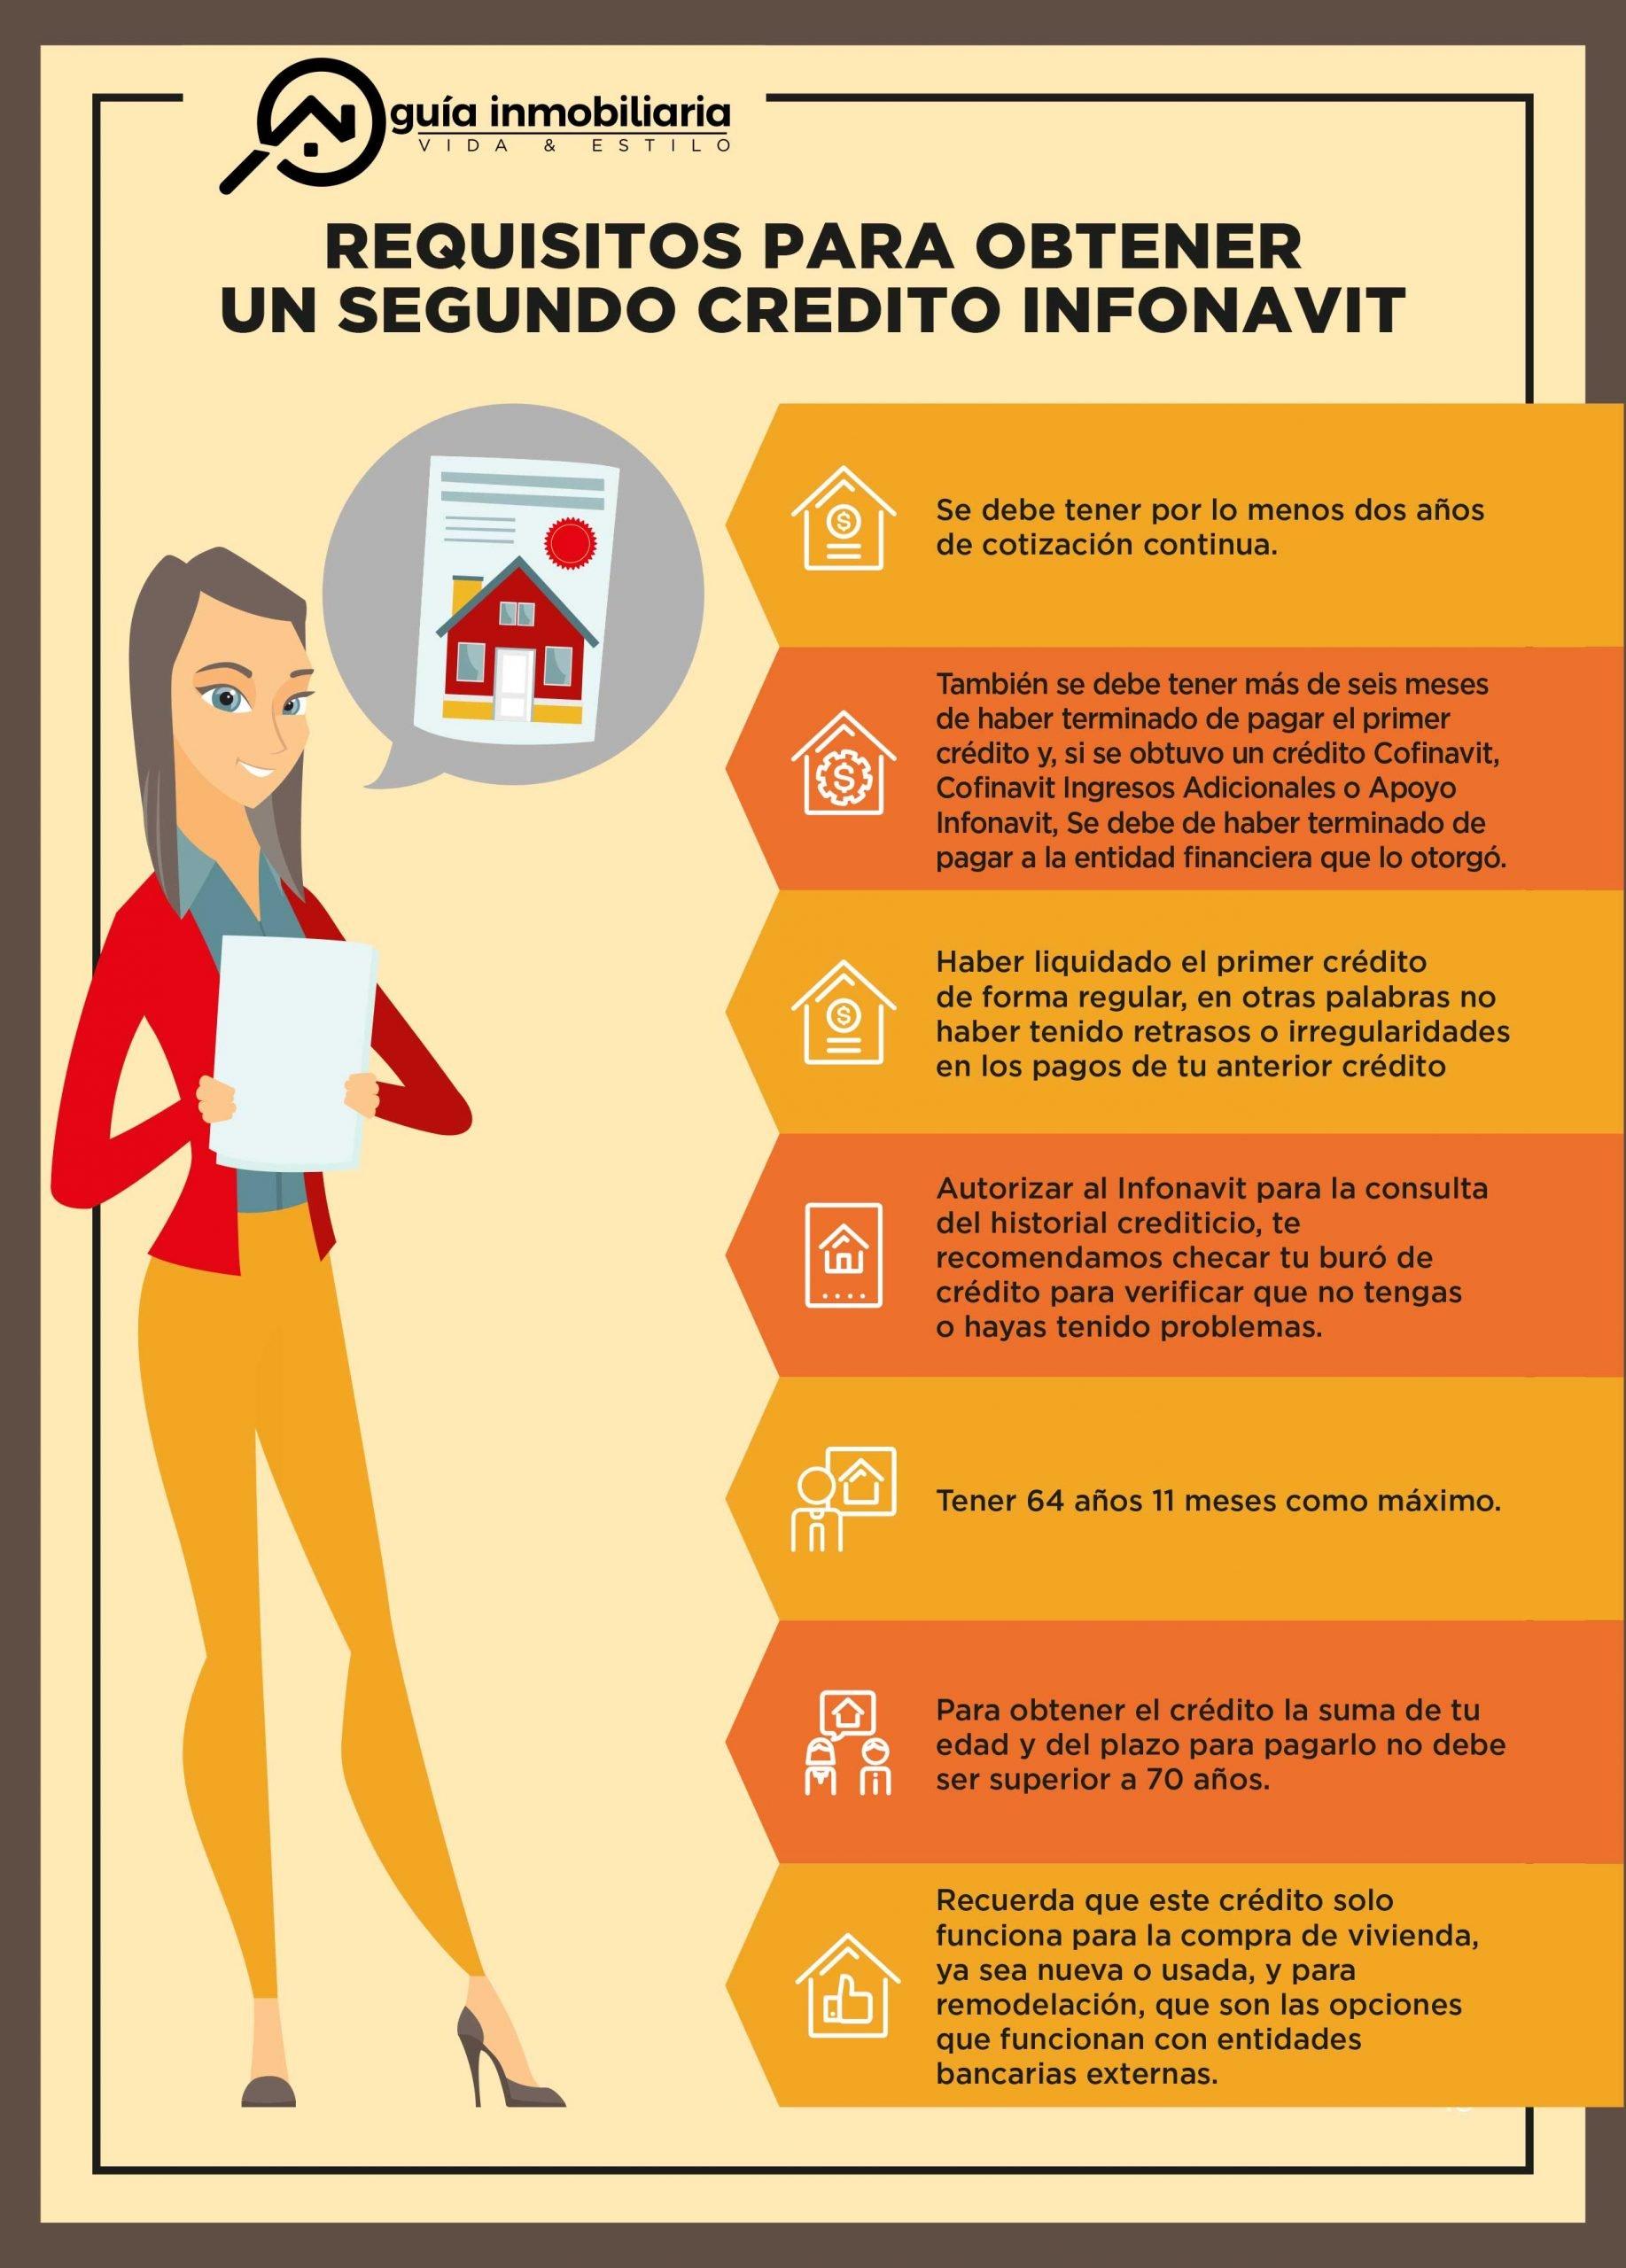 Requisitos para obtener un segundo crédito Infonavit